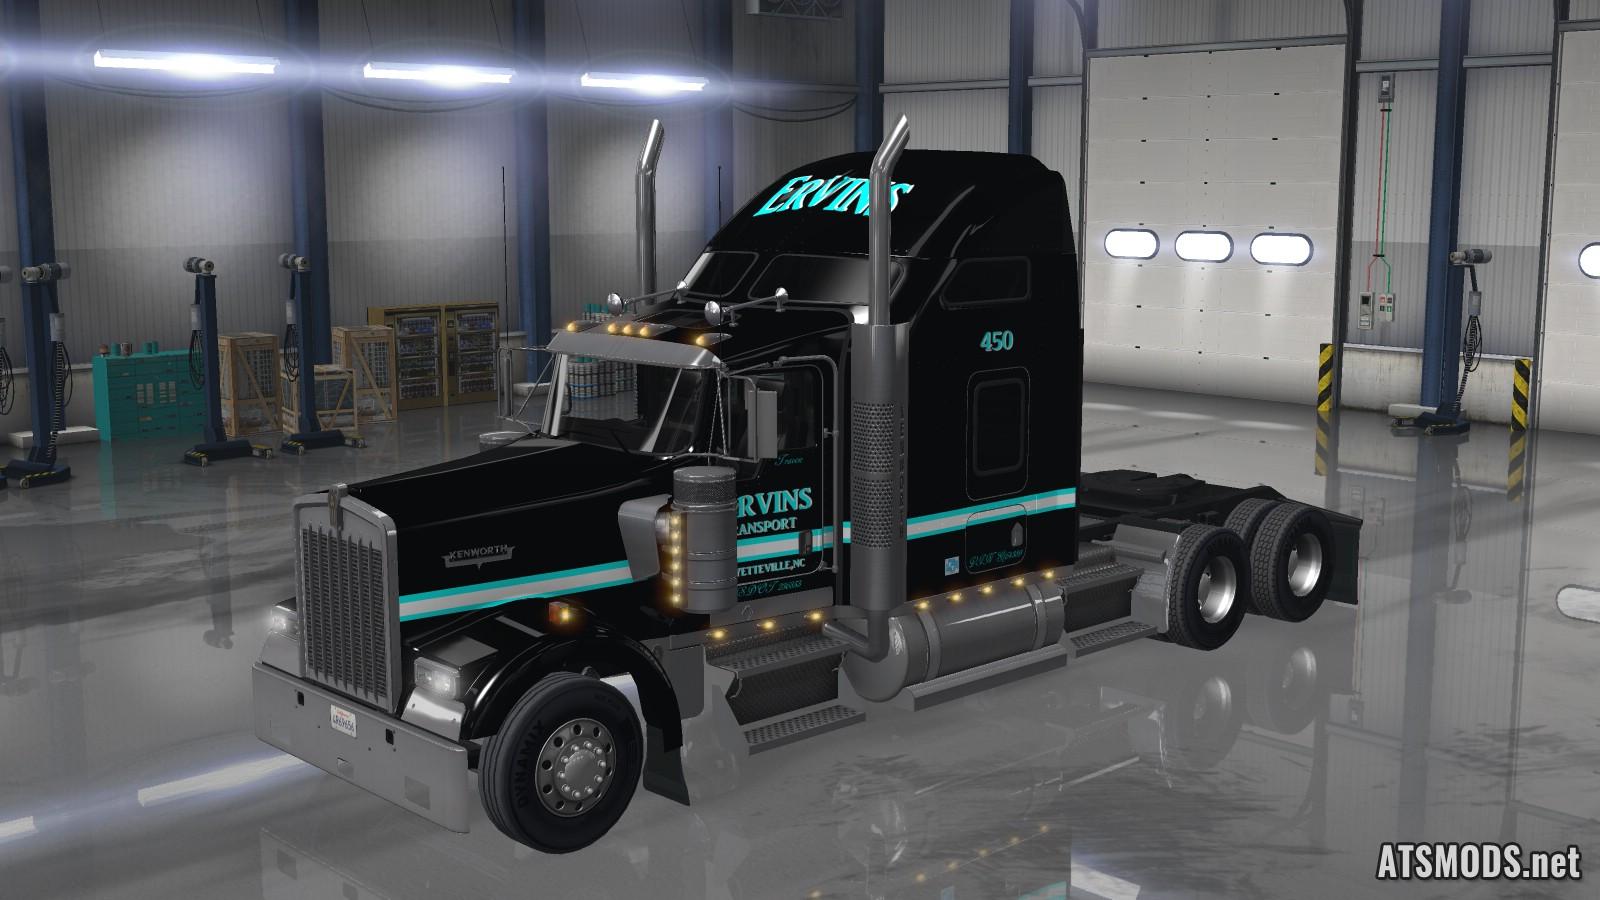 Kenworth W900 Ervins Transport Skin